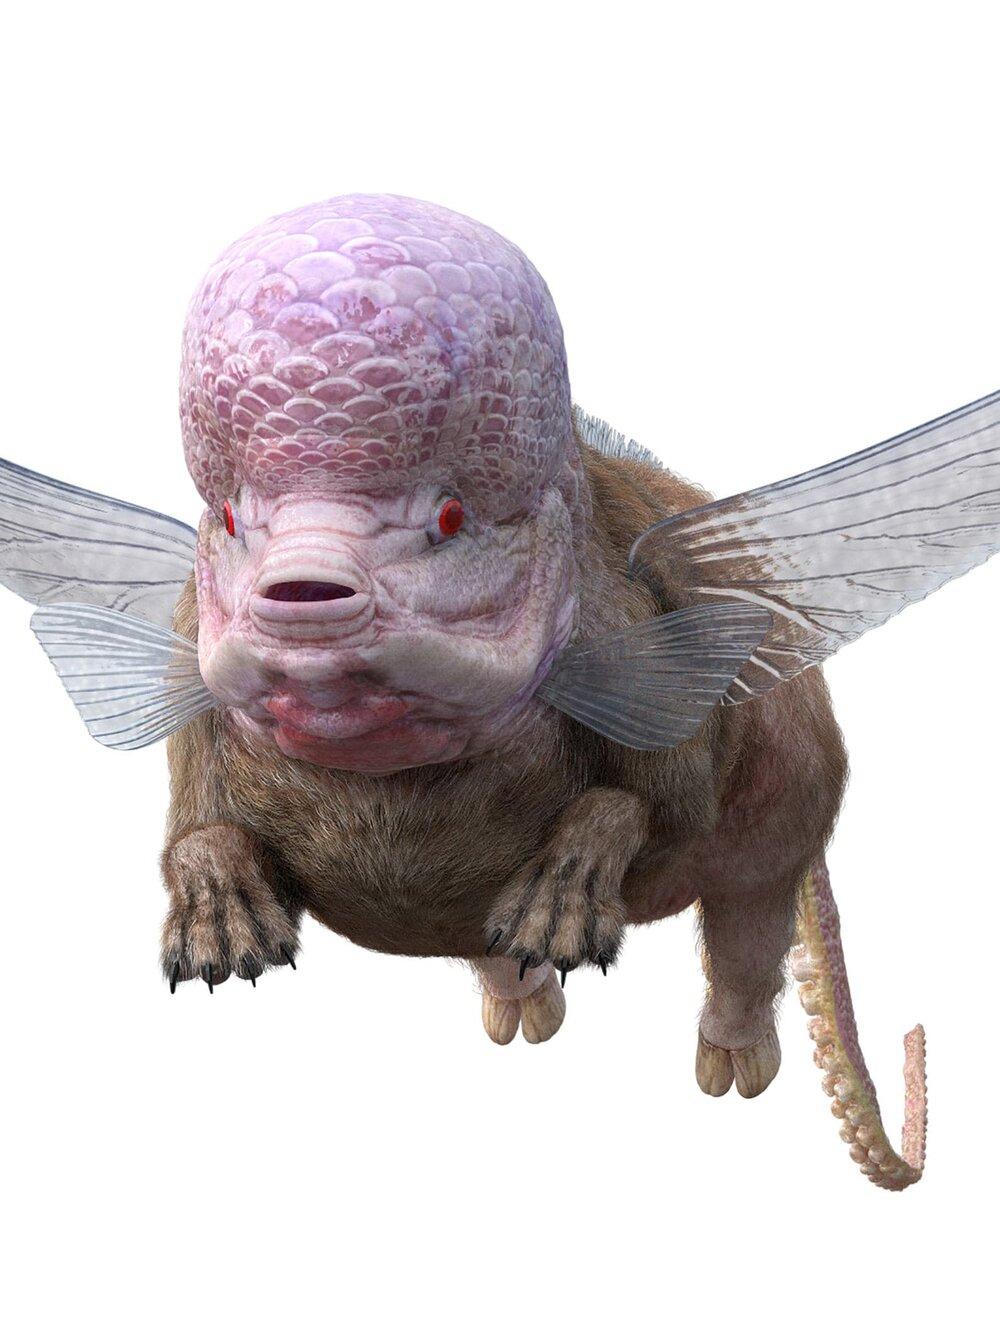 gentle-monster-aesplusf-chimera-1.jpeg